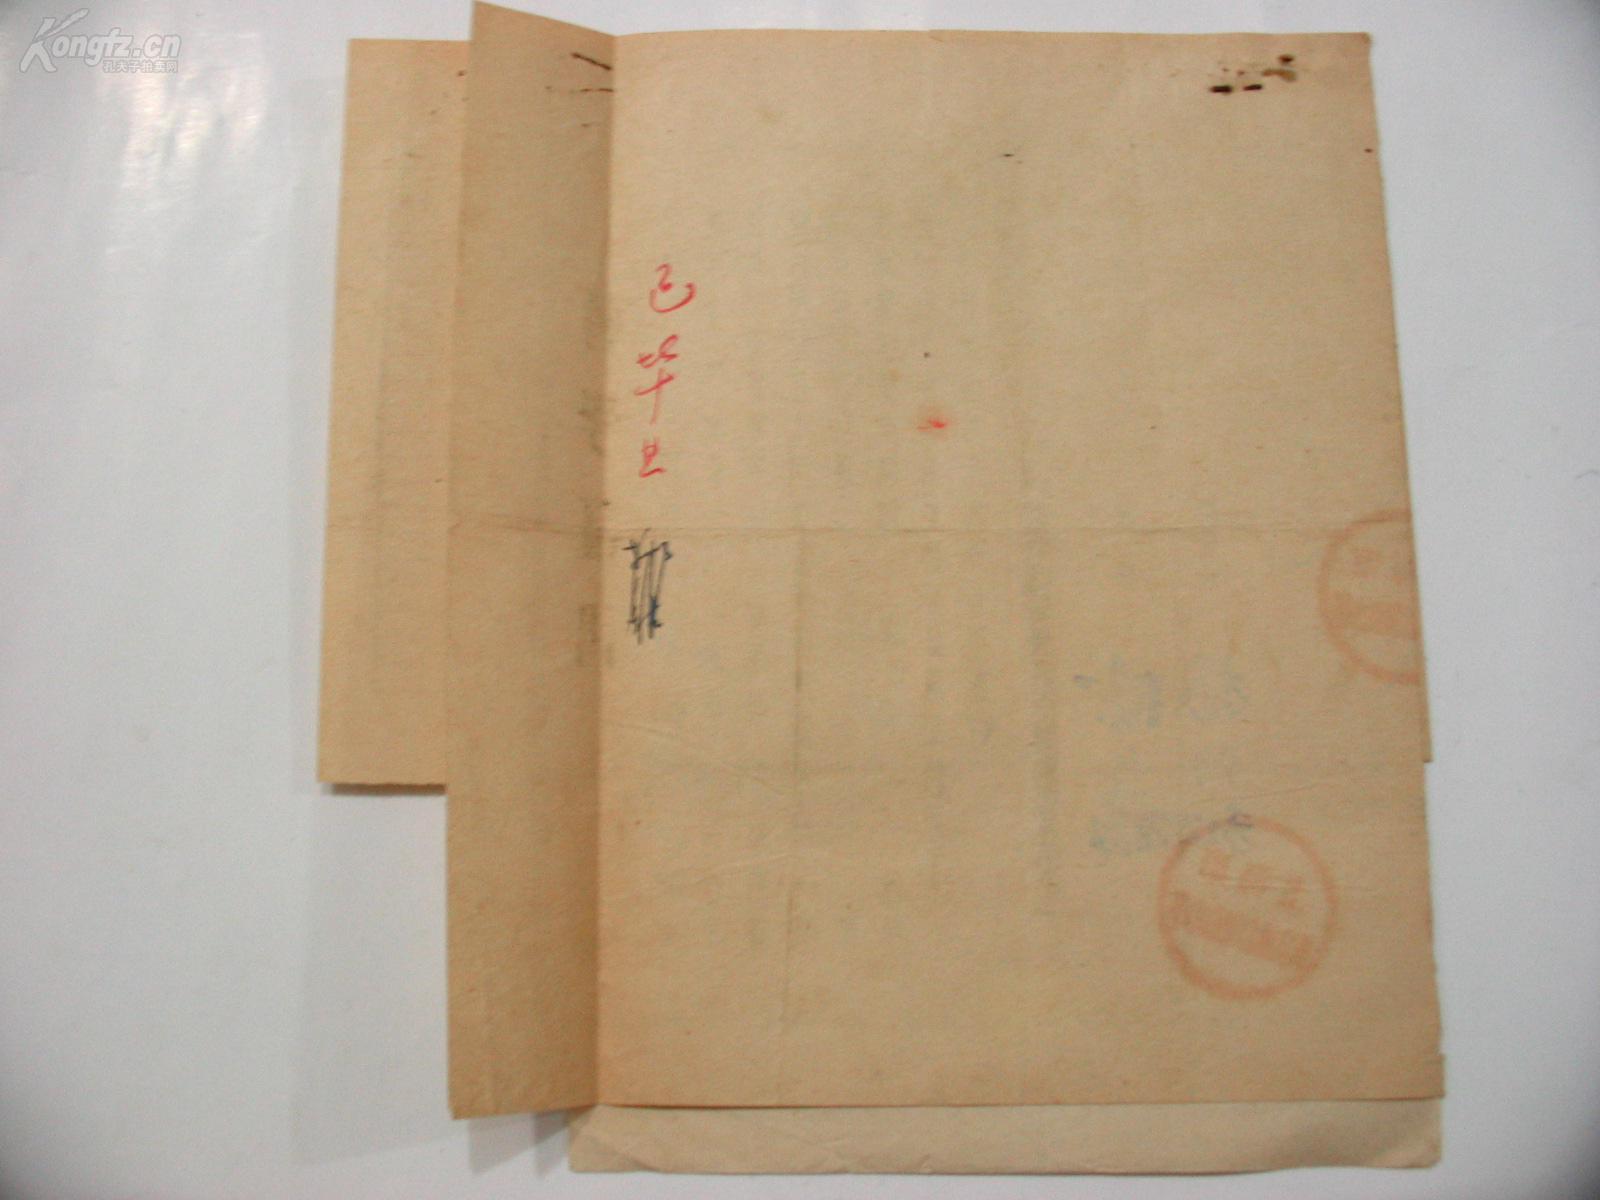 【图】v作文作文:55.8月【上海市私立建信初级史料初中笑了图片